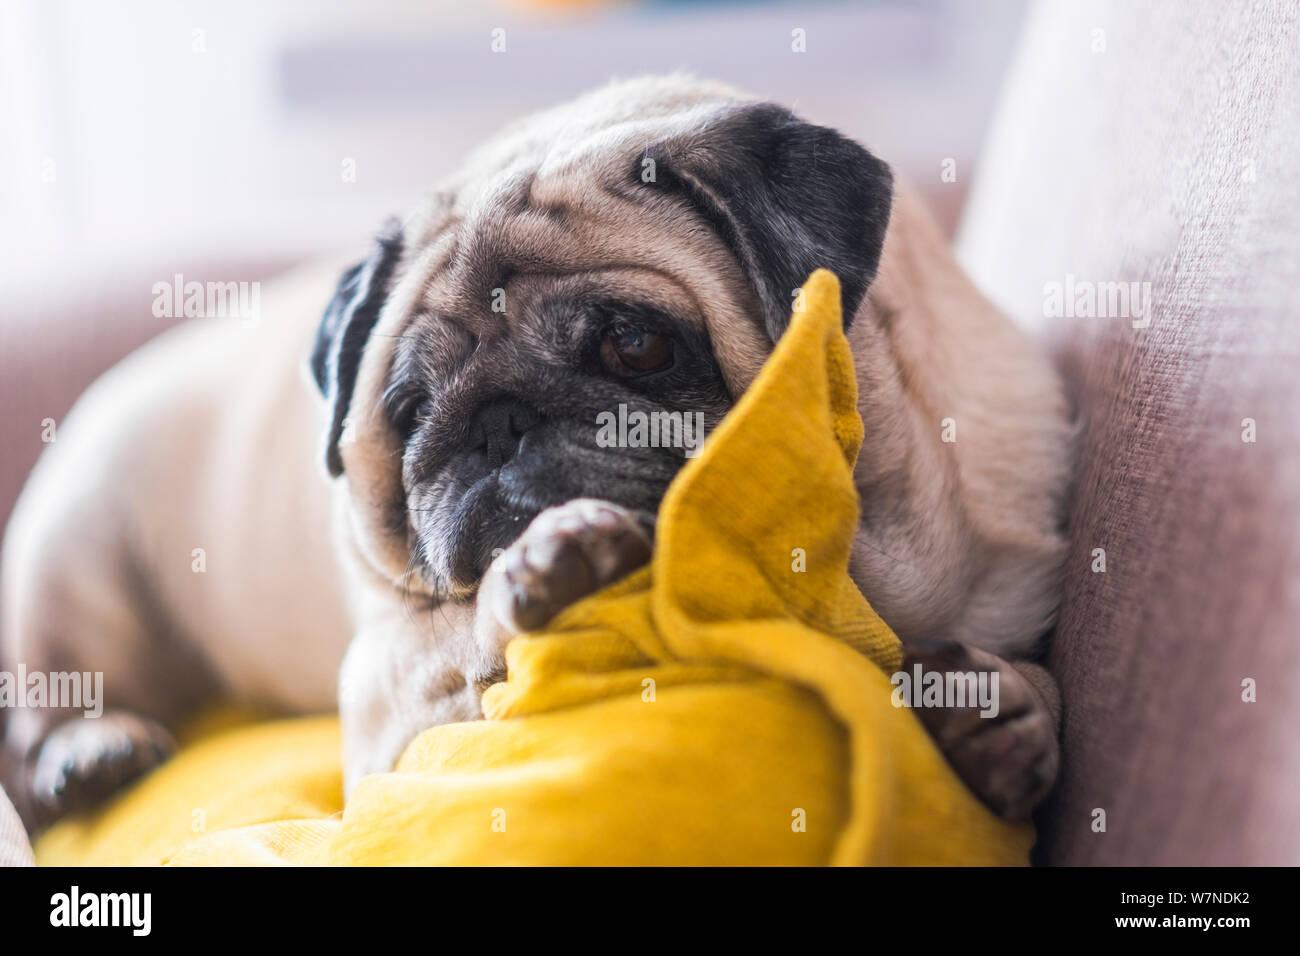 Lazy hermoso cachorro pug perro descansar en casa en el sofá - Best Friend Forever dog concepto Foto de stock